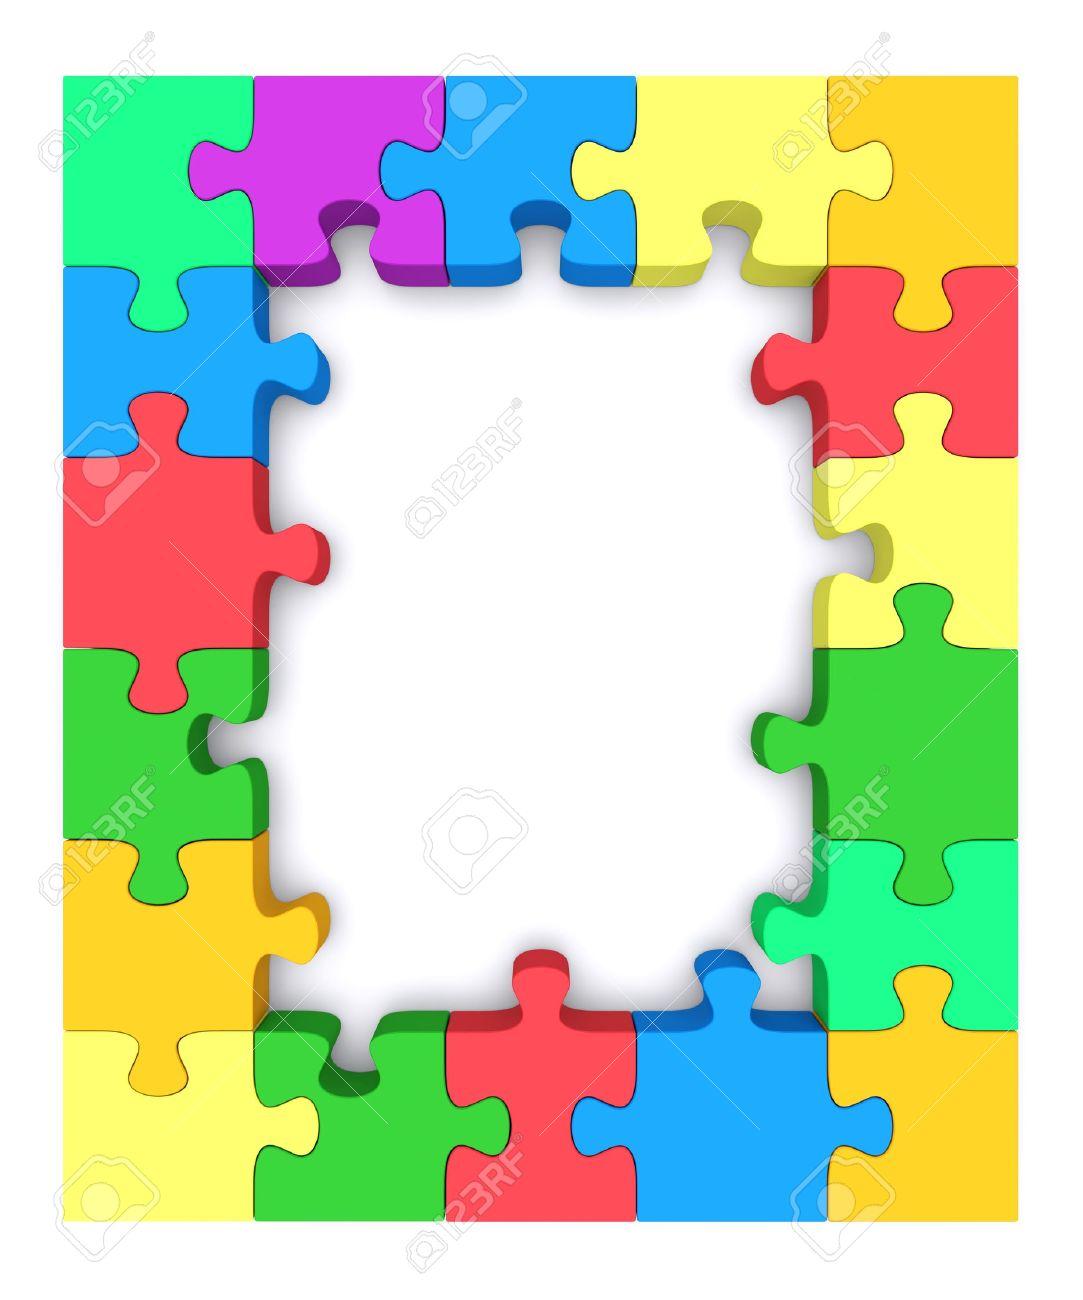 Schöne Rahmen Aus Stücken Von Farbigen Puzzle 3d Gerenderten Bild ...